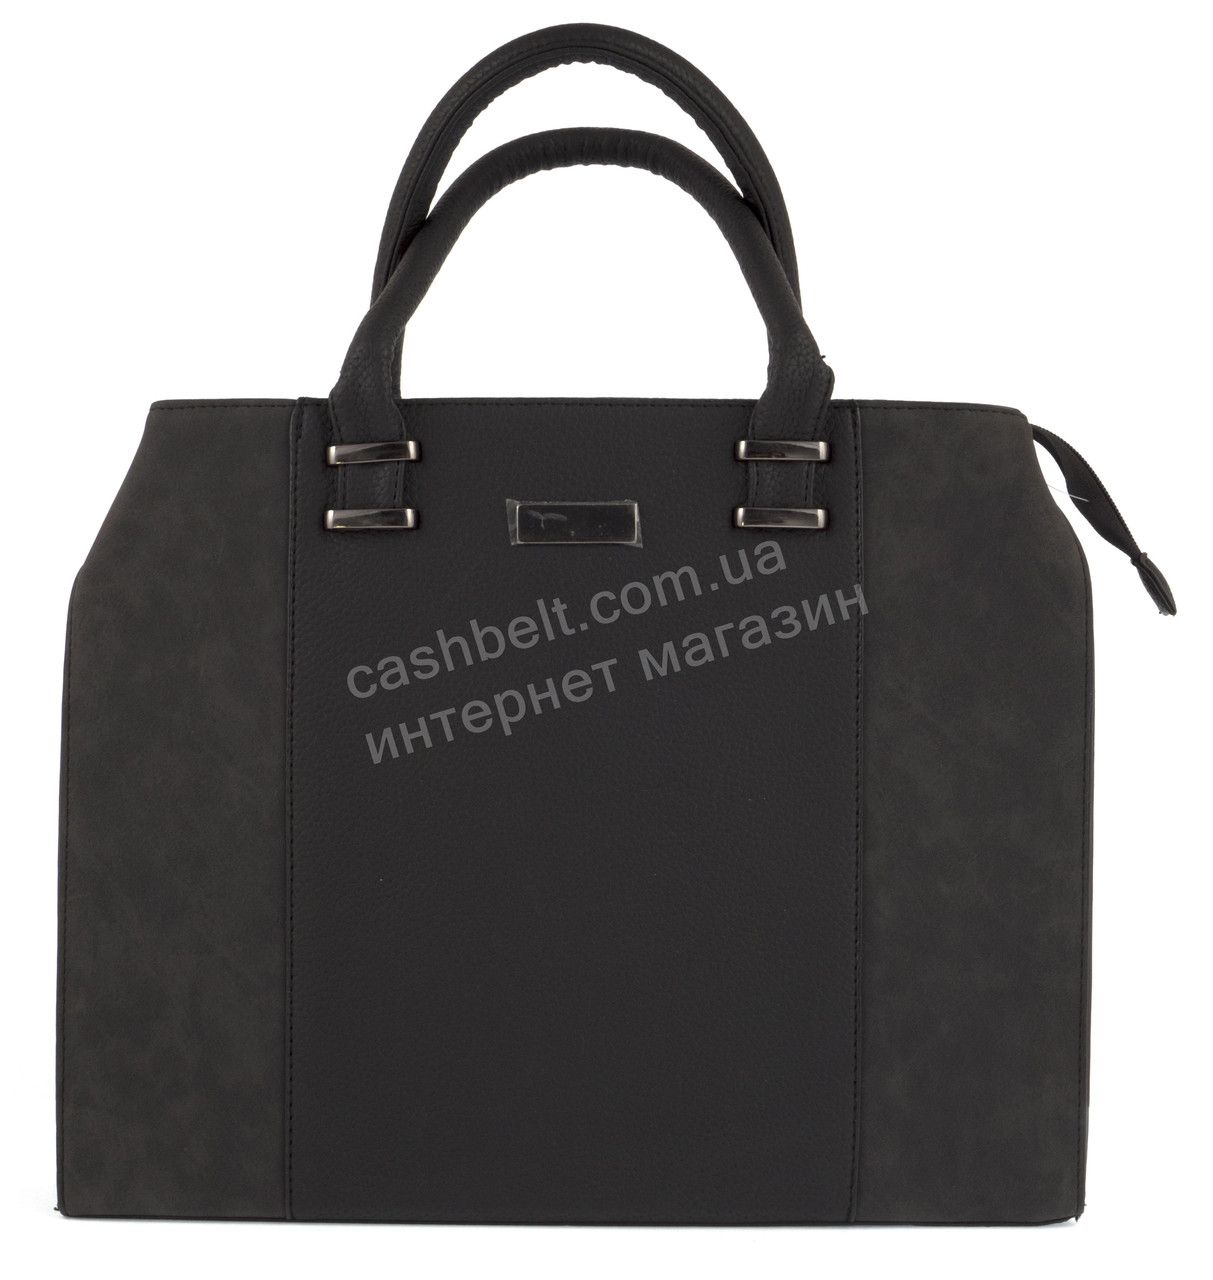 c0aa8fa59450 Большая каркасная стильная прочная женская сумка art.040 темно серая ...